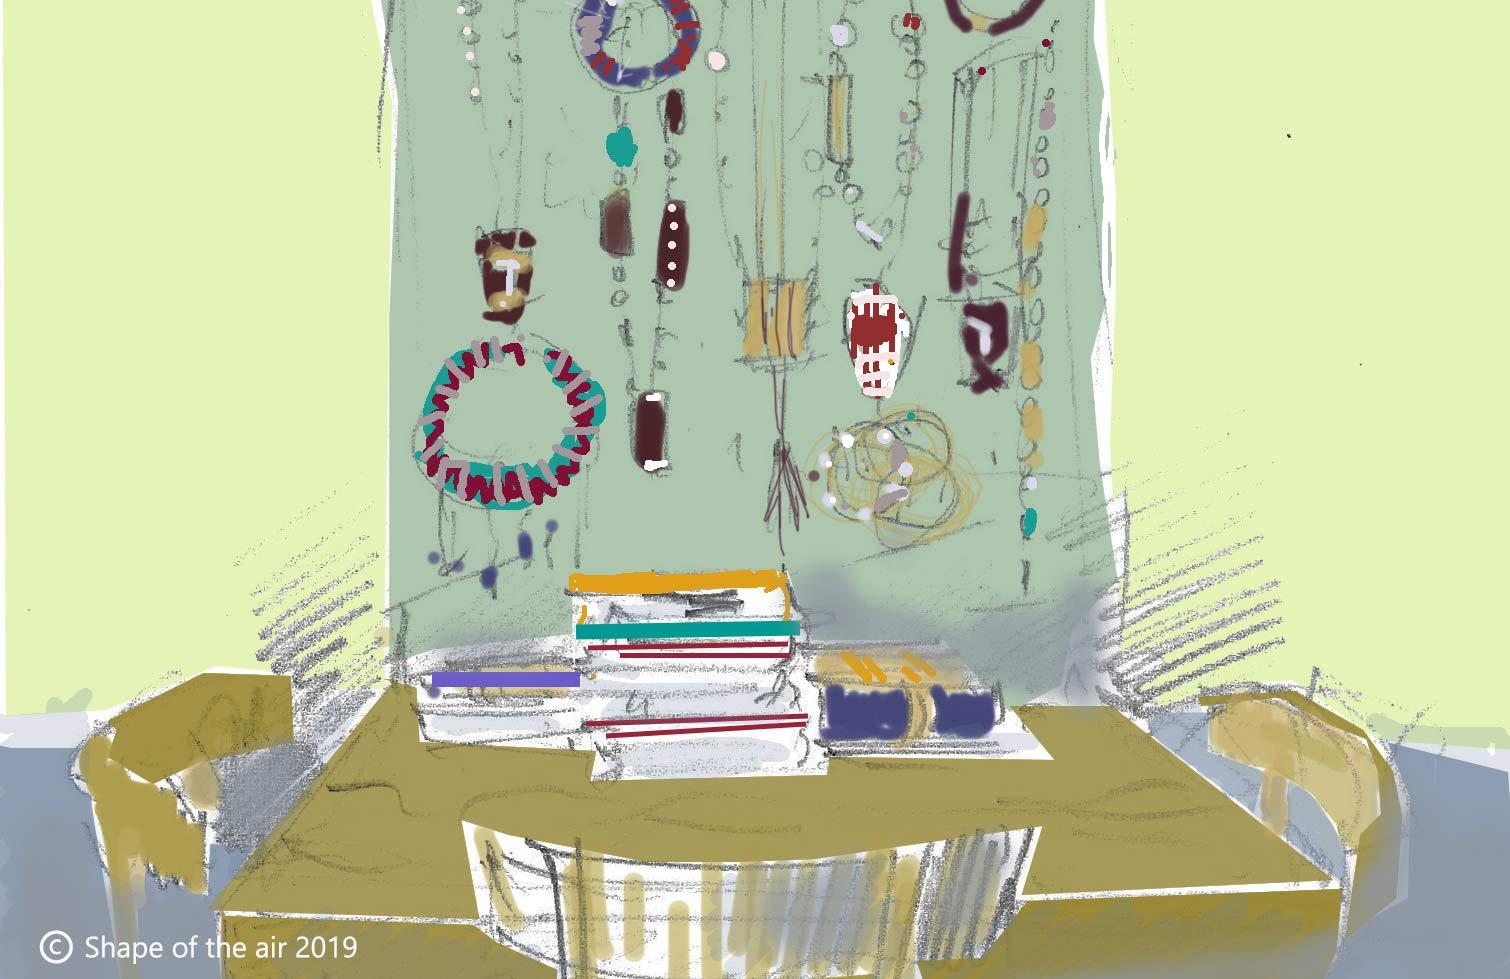 Zeichnung mit einem Tisch und Stühlen und Wandteppich